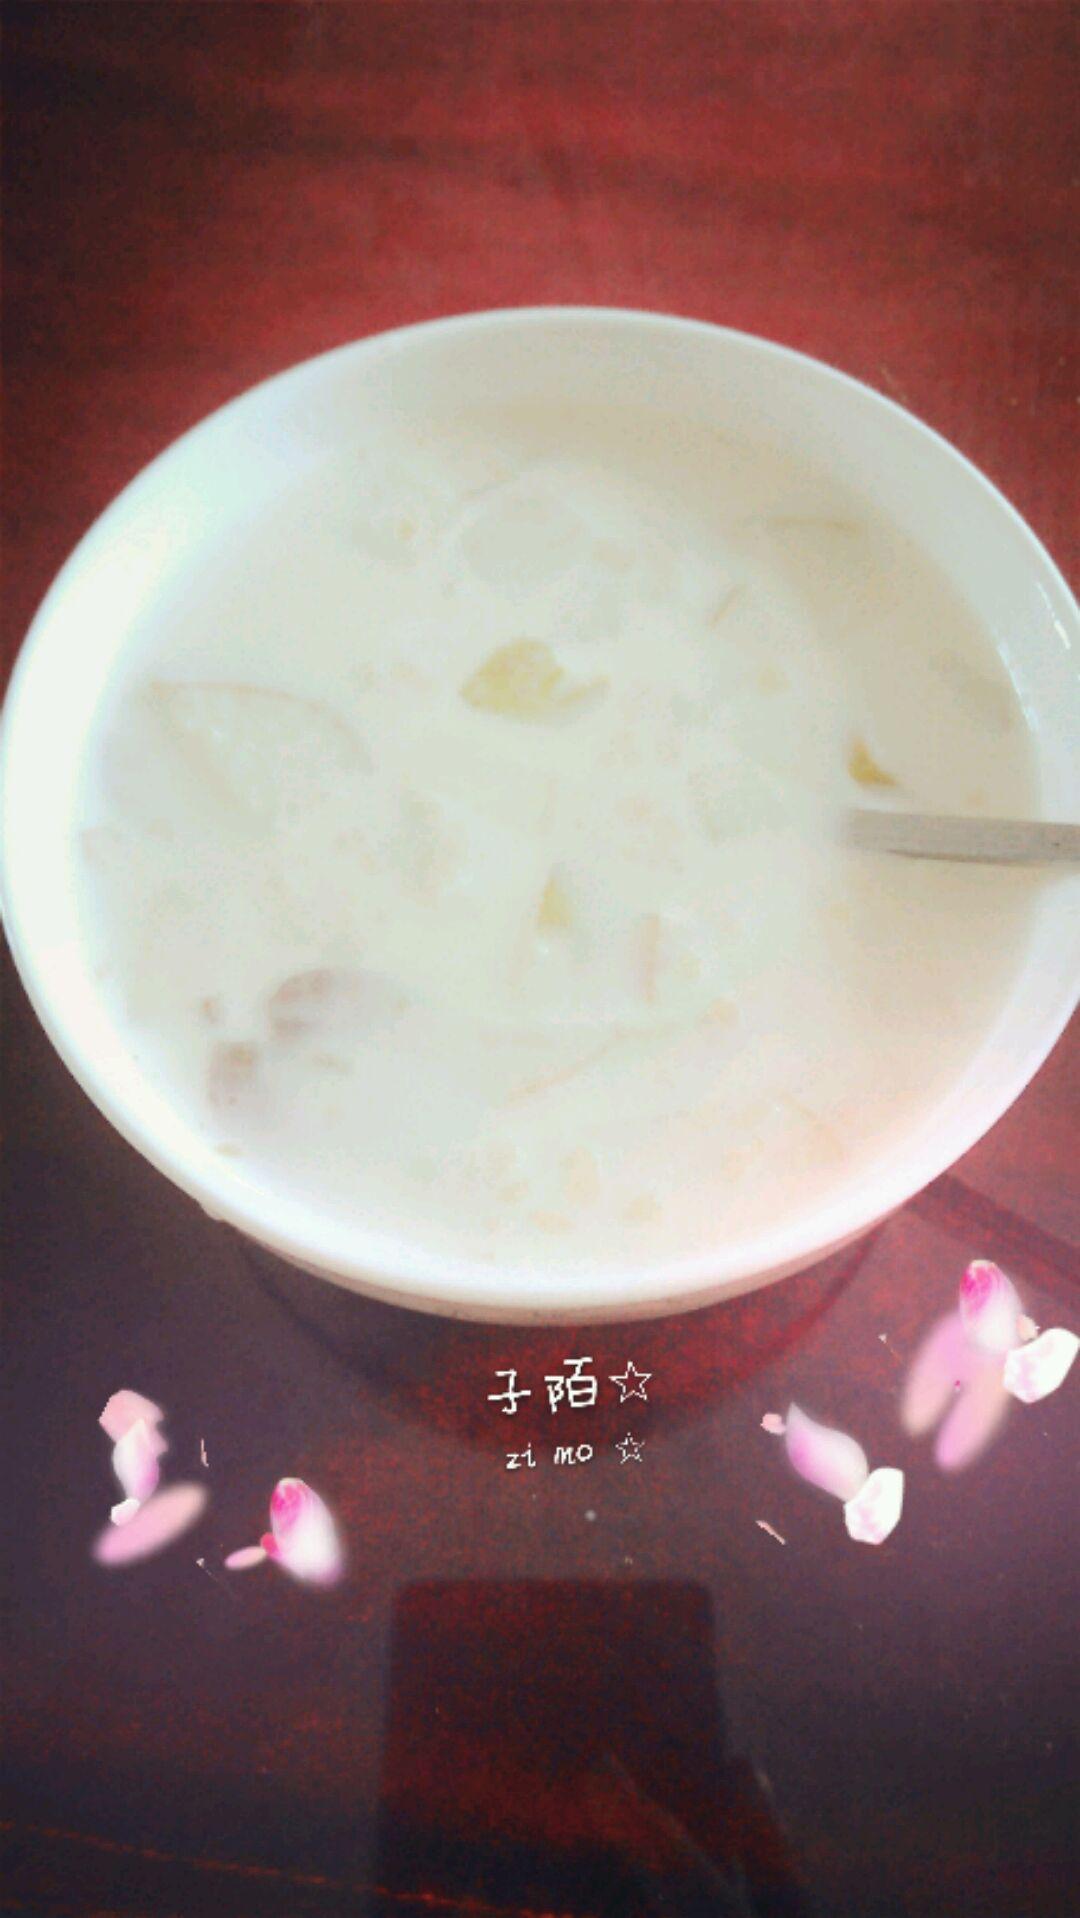 燕麦片牛奶的做法_主料 燕麦片适量 纯牛奶250ml 细砂糖2小勺 燕麦牛奶粥的做法